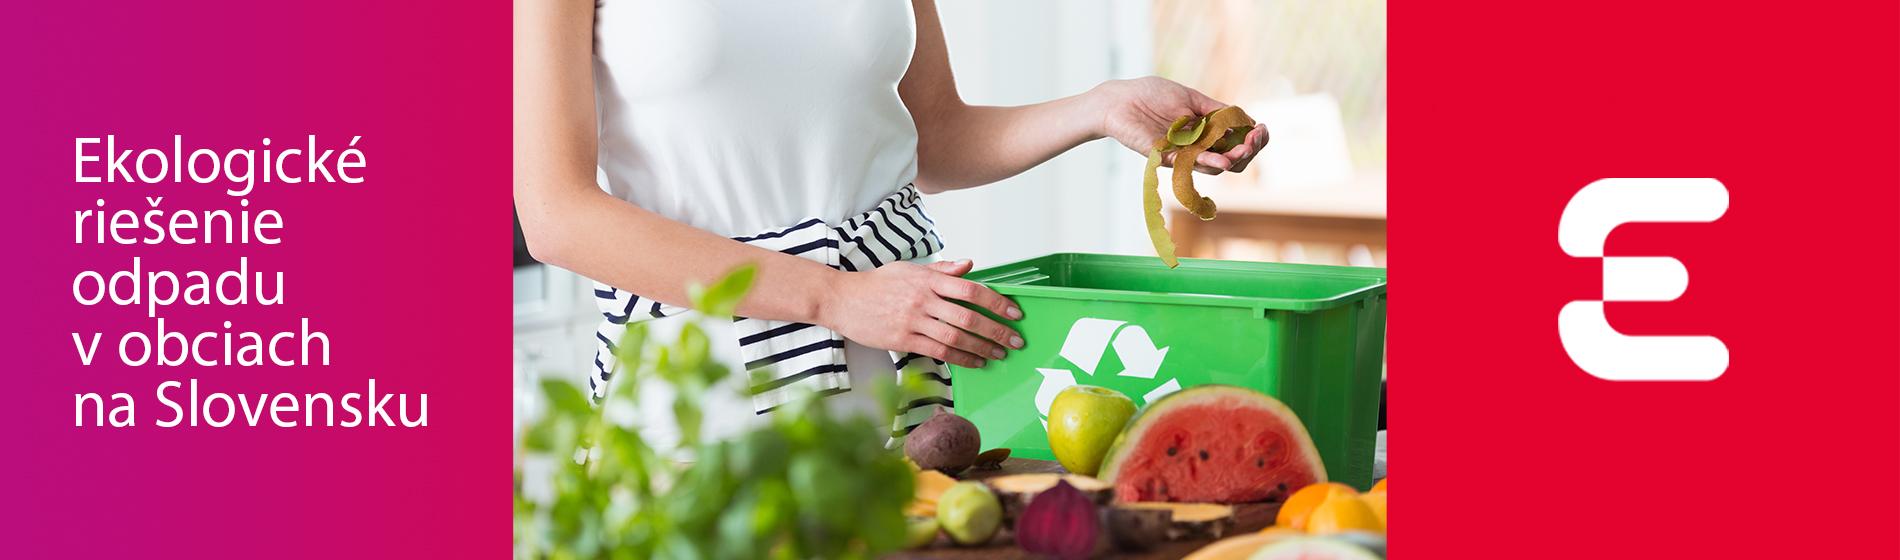 Ekologické riešenie odpadu v obciach na Slovensku